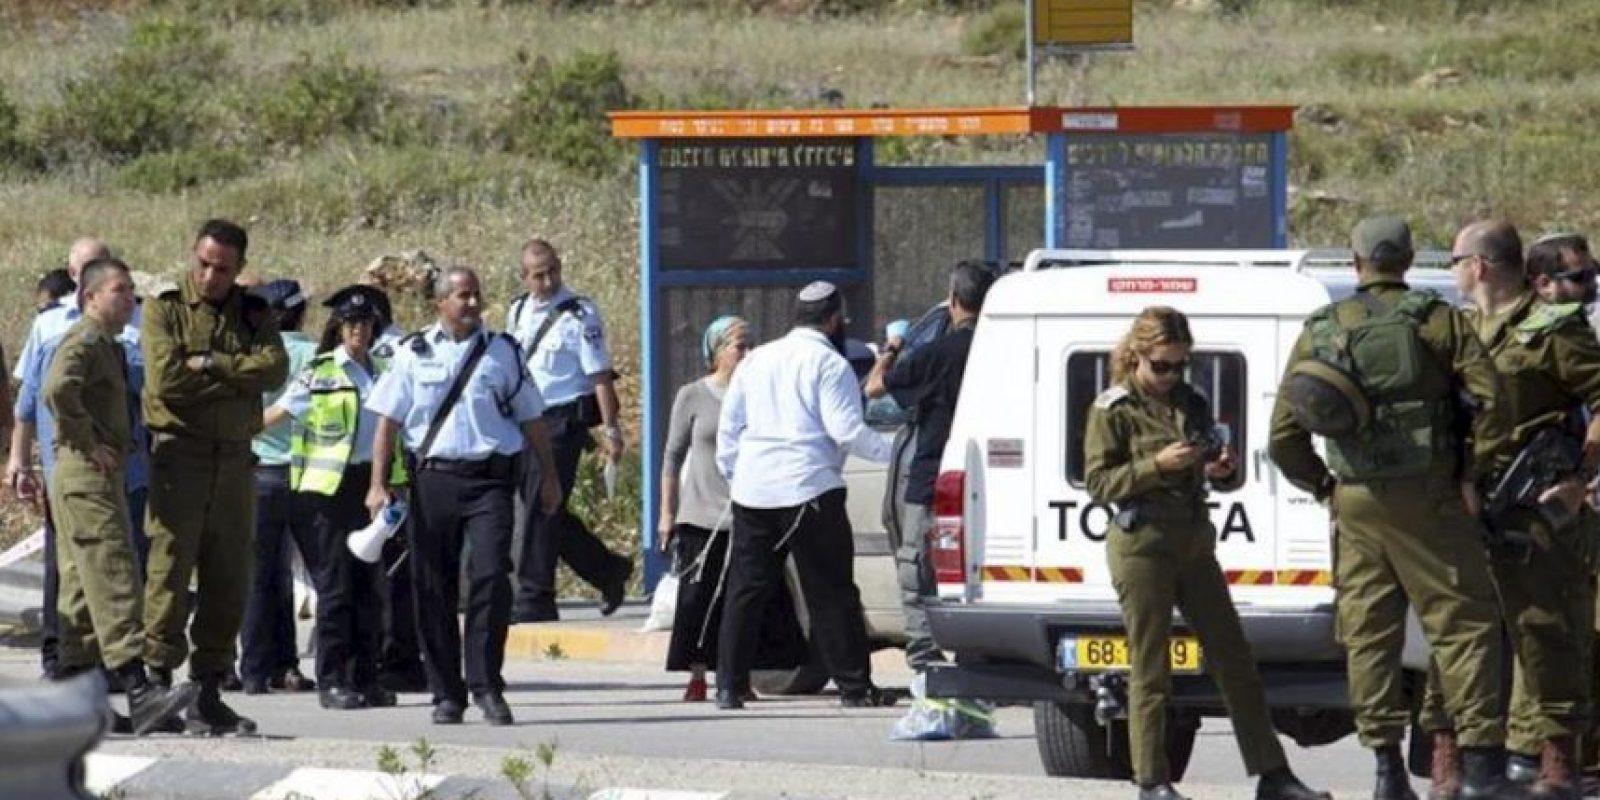 Soldados y colonos israelíes inspeccionan el cruce Tapuah, junto a la ciudad cisjordana de Nablus, donde un palestino ha matado a un colono israelí, en circunstancias aún confusas. EFE